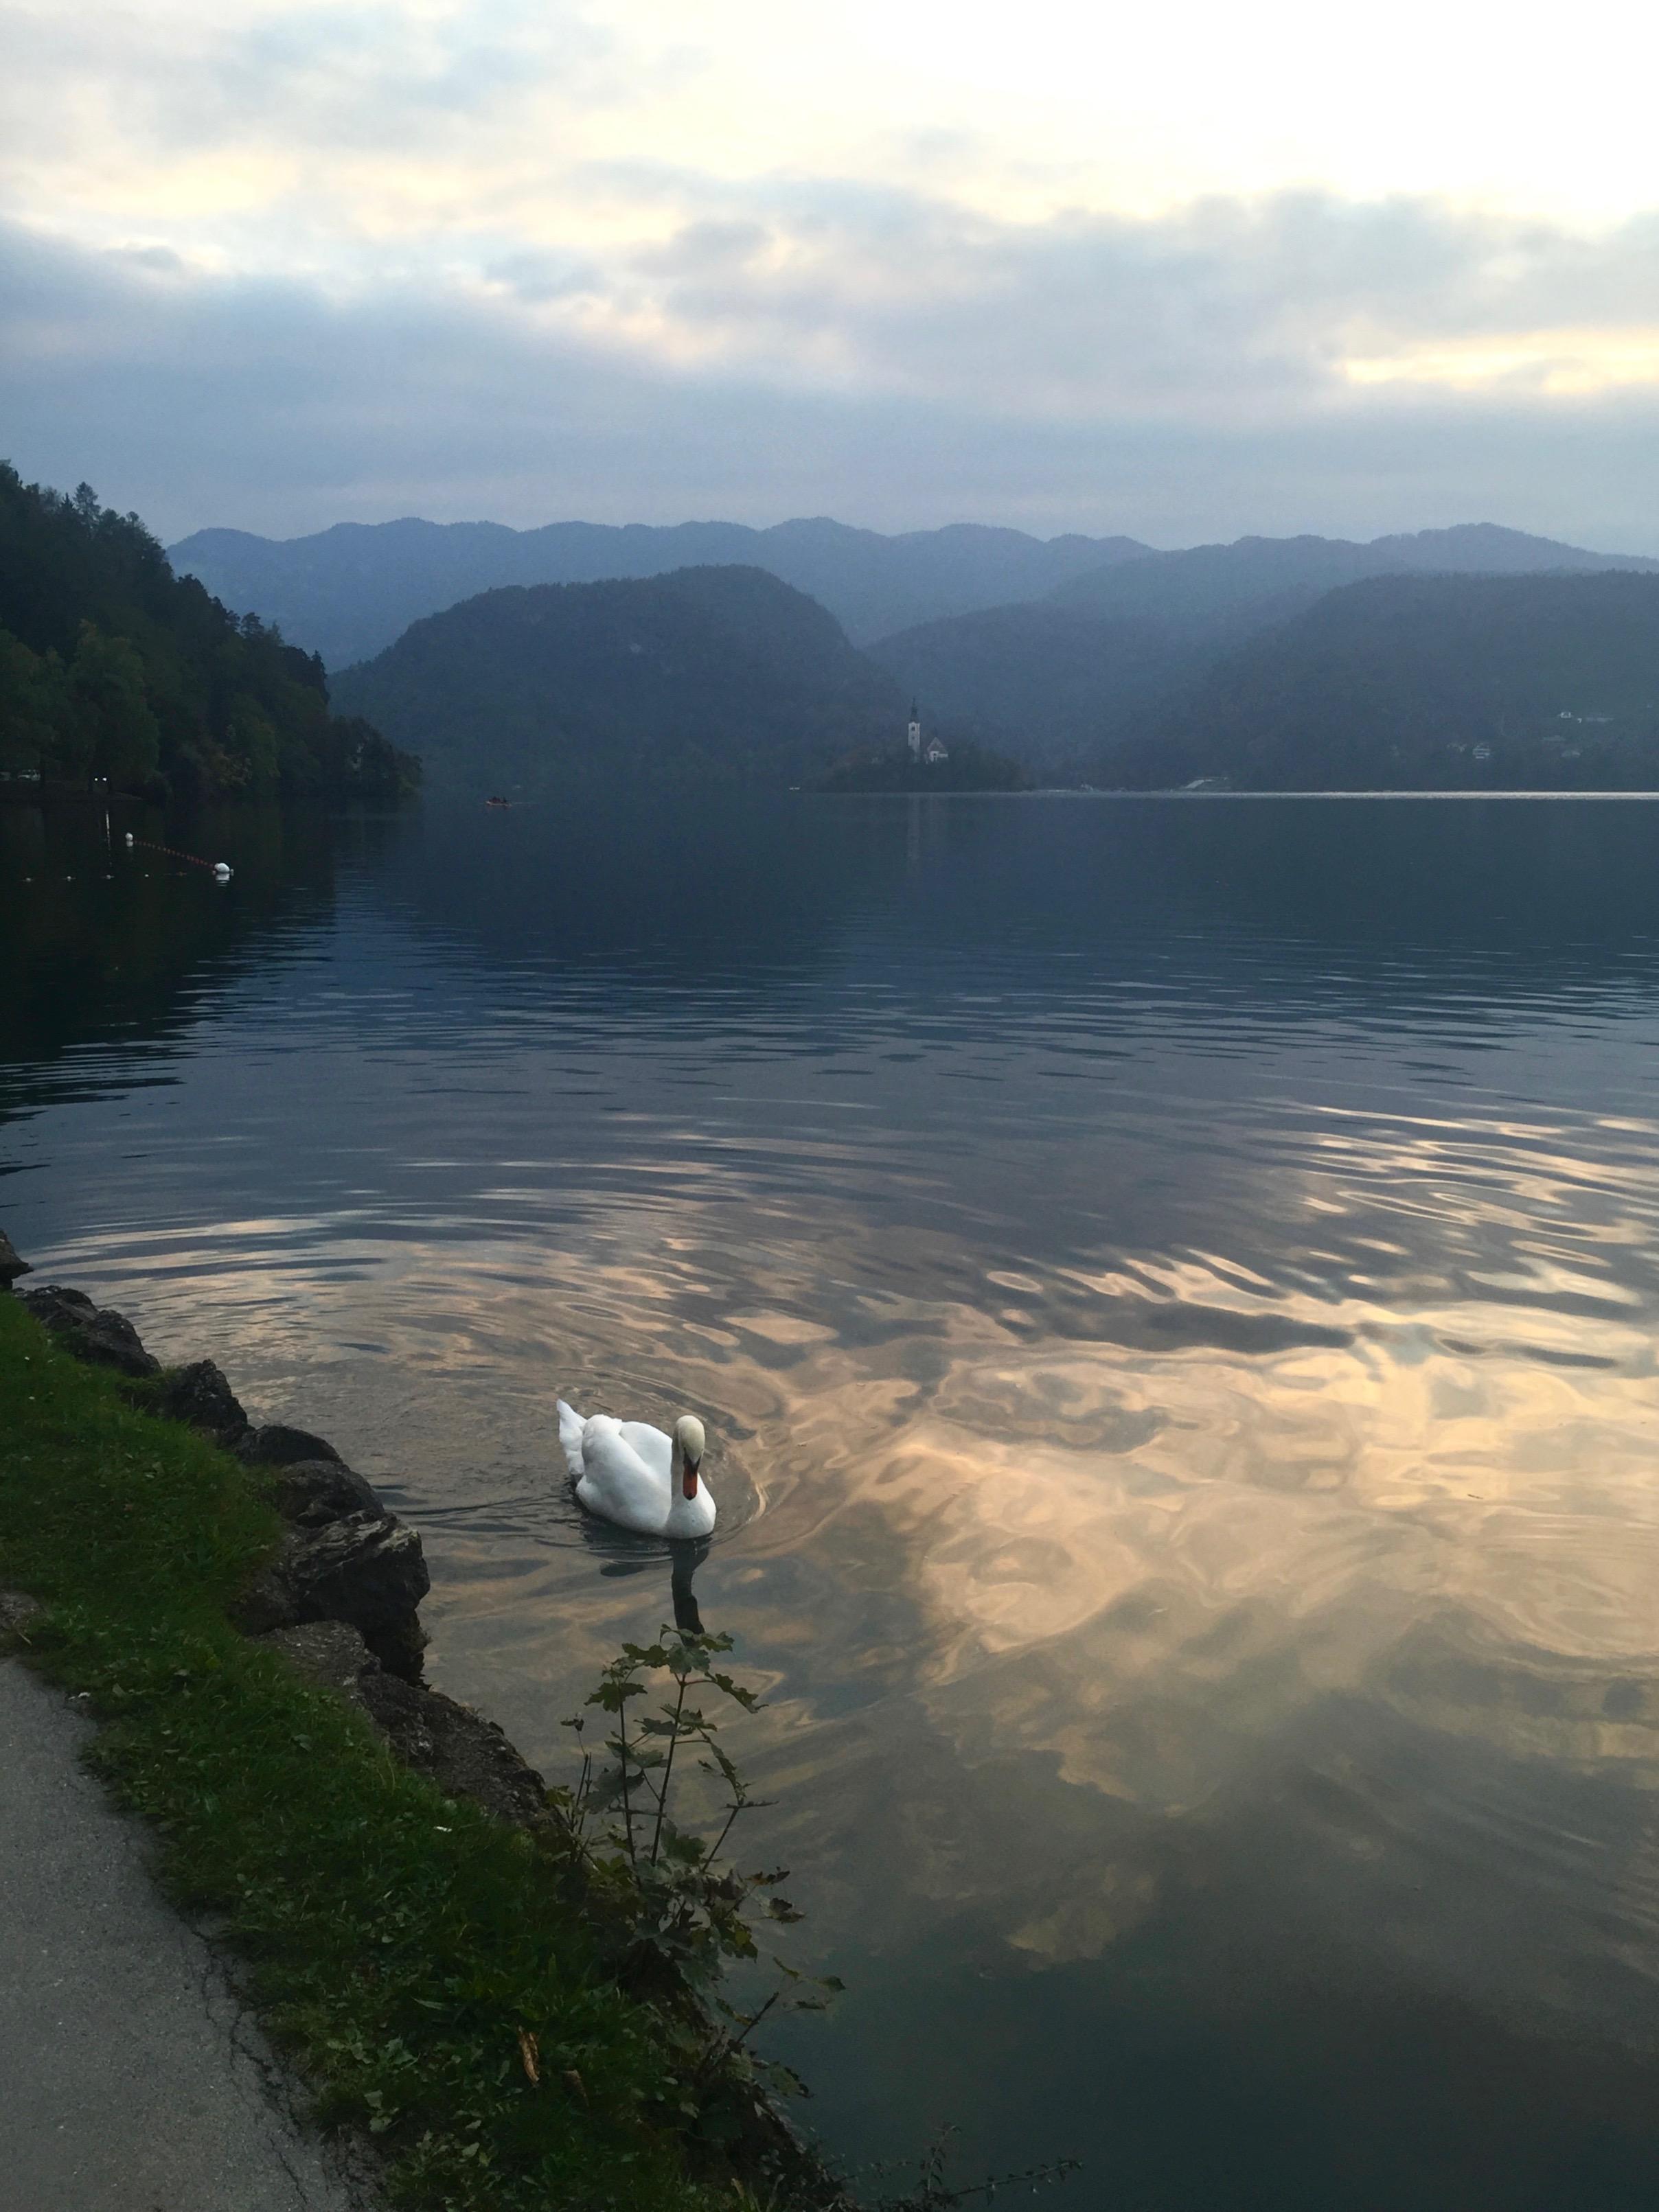 Swan at Lake Bled